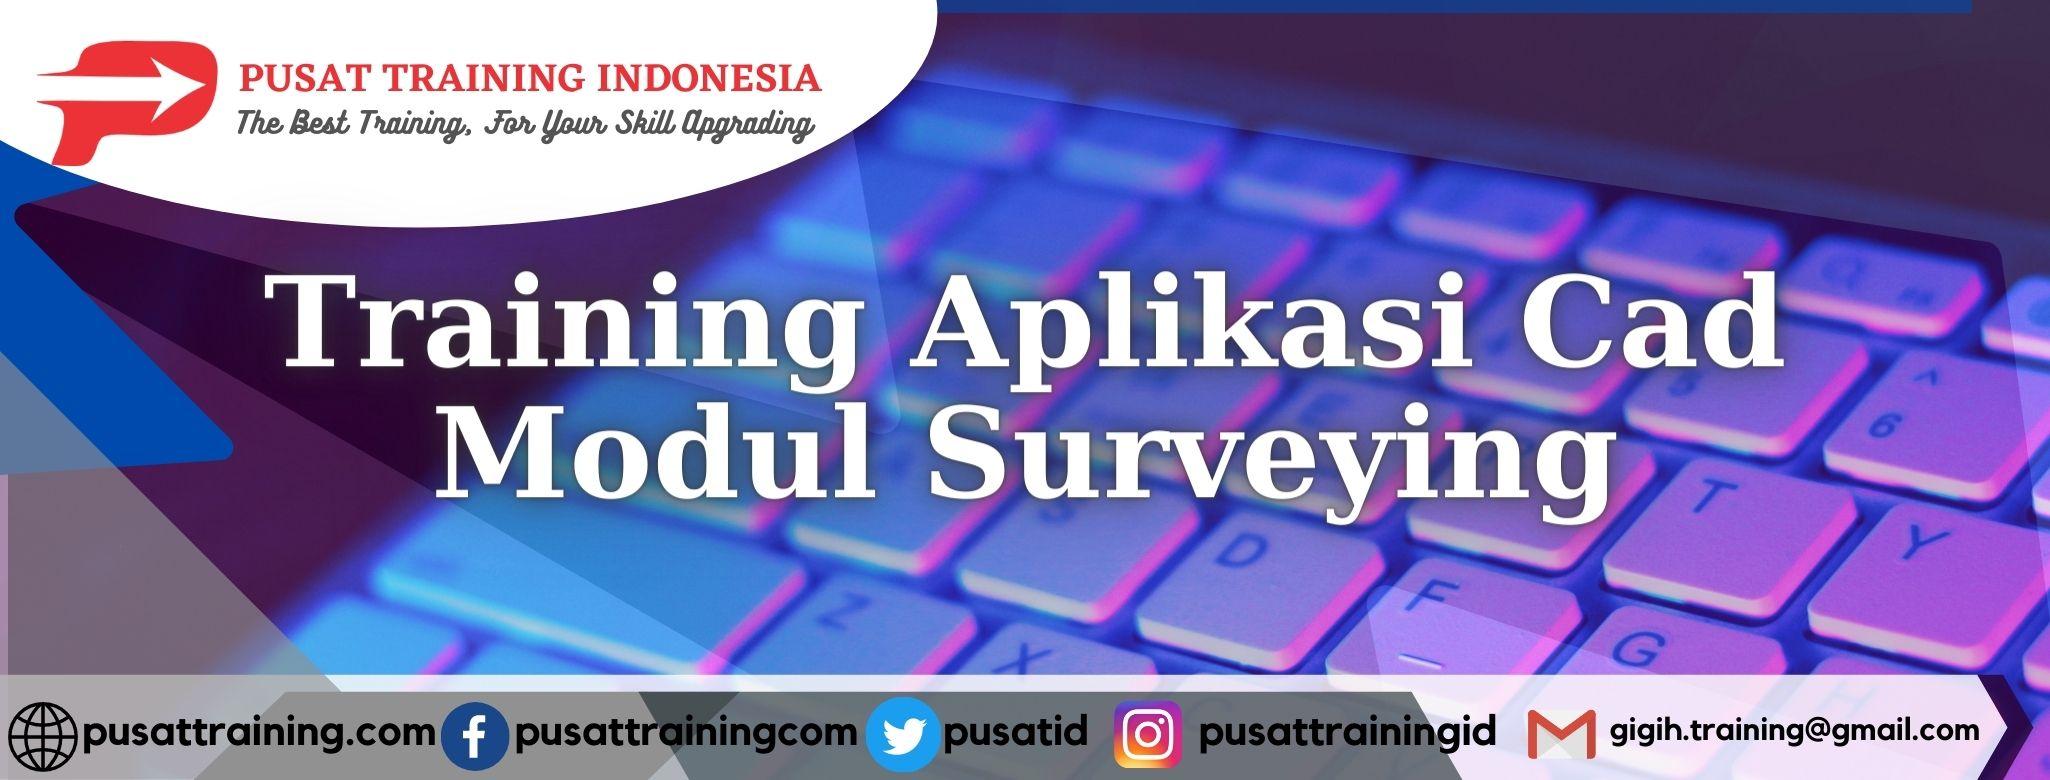 Training-Aplikasi-Cad-Modul-Surveying